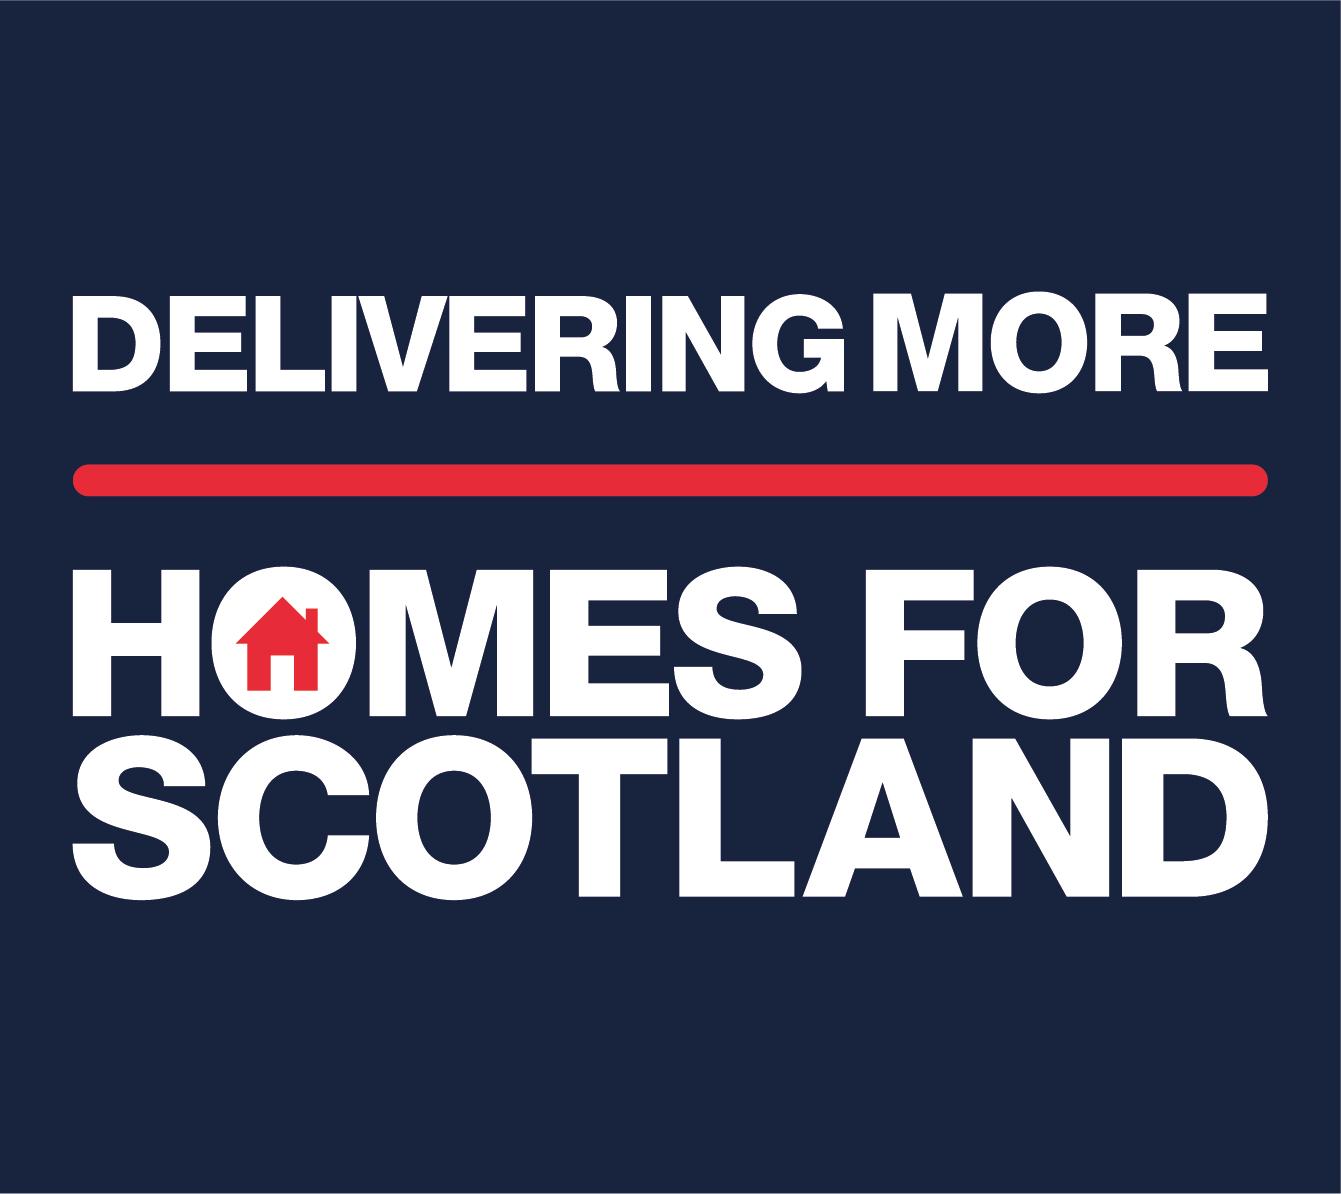 Homes for Scotland